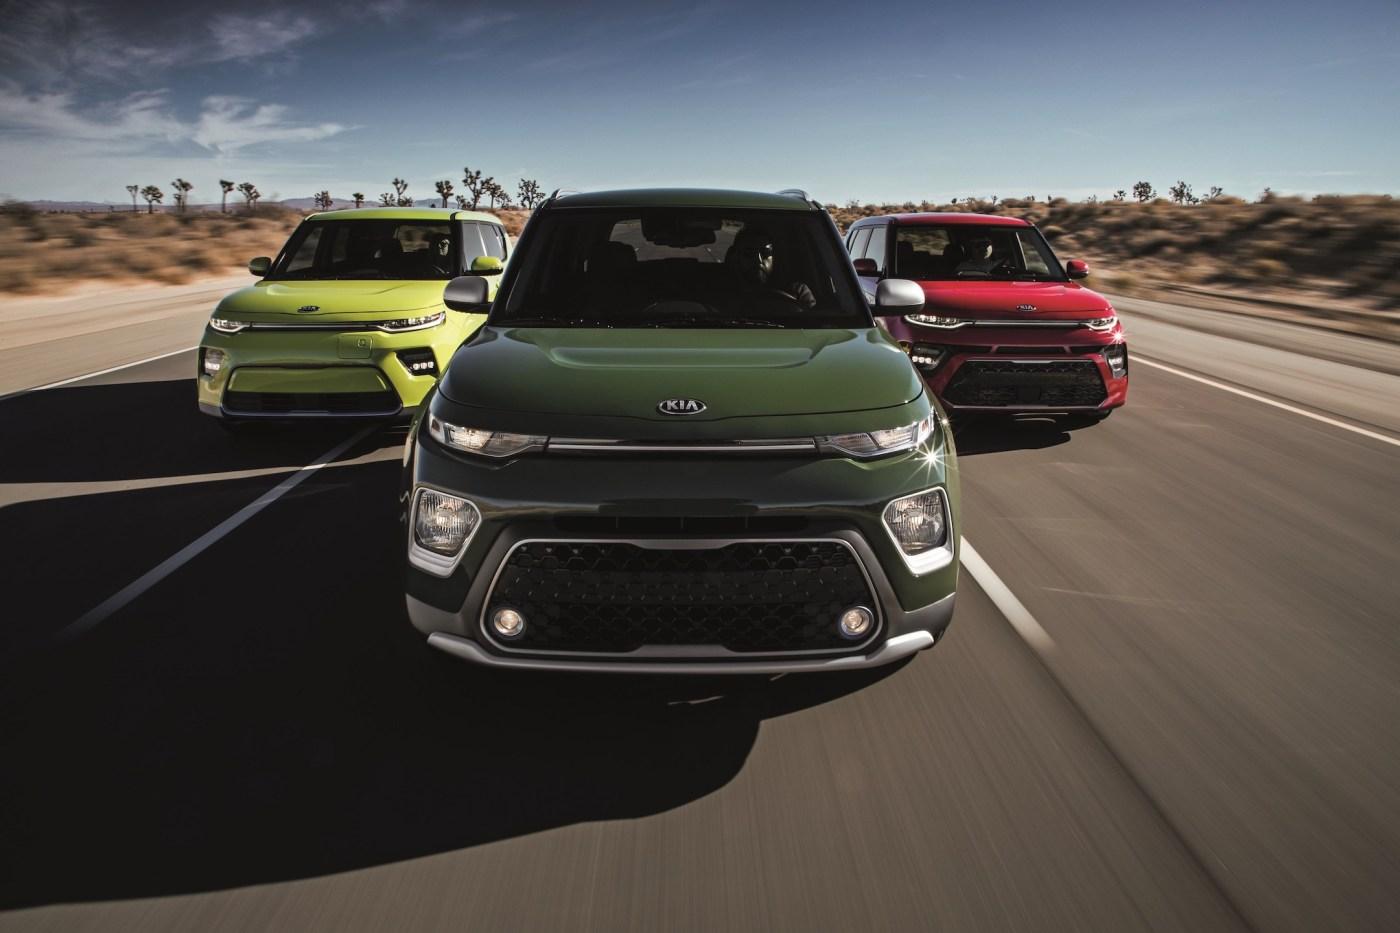 2020 Kia Soul Full Review >> 2020 Kia Soul A Driveways Review The Review Garage